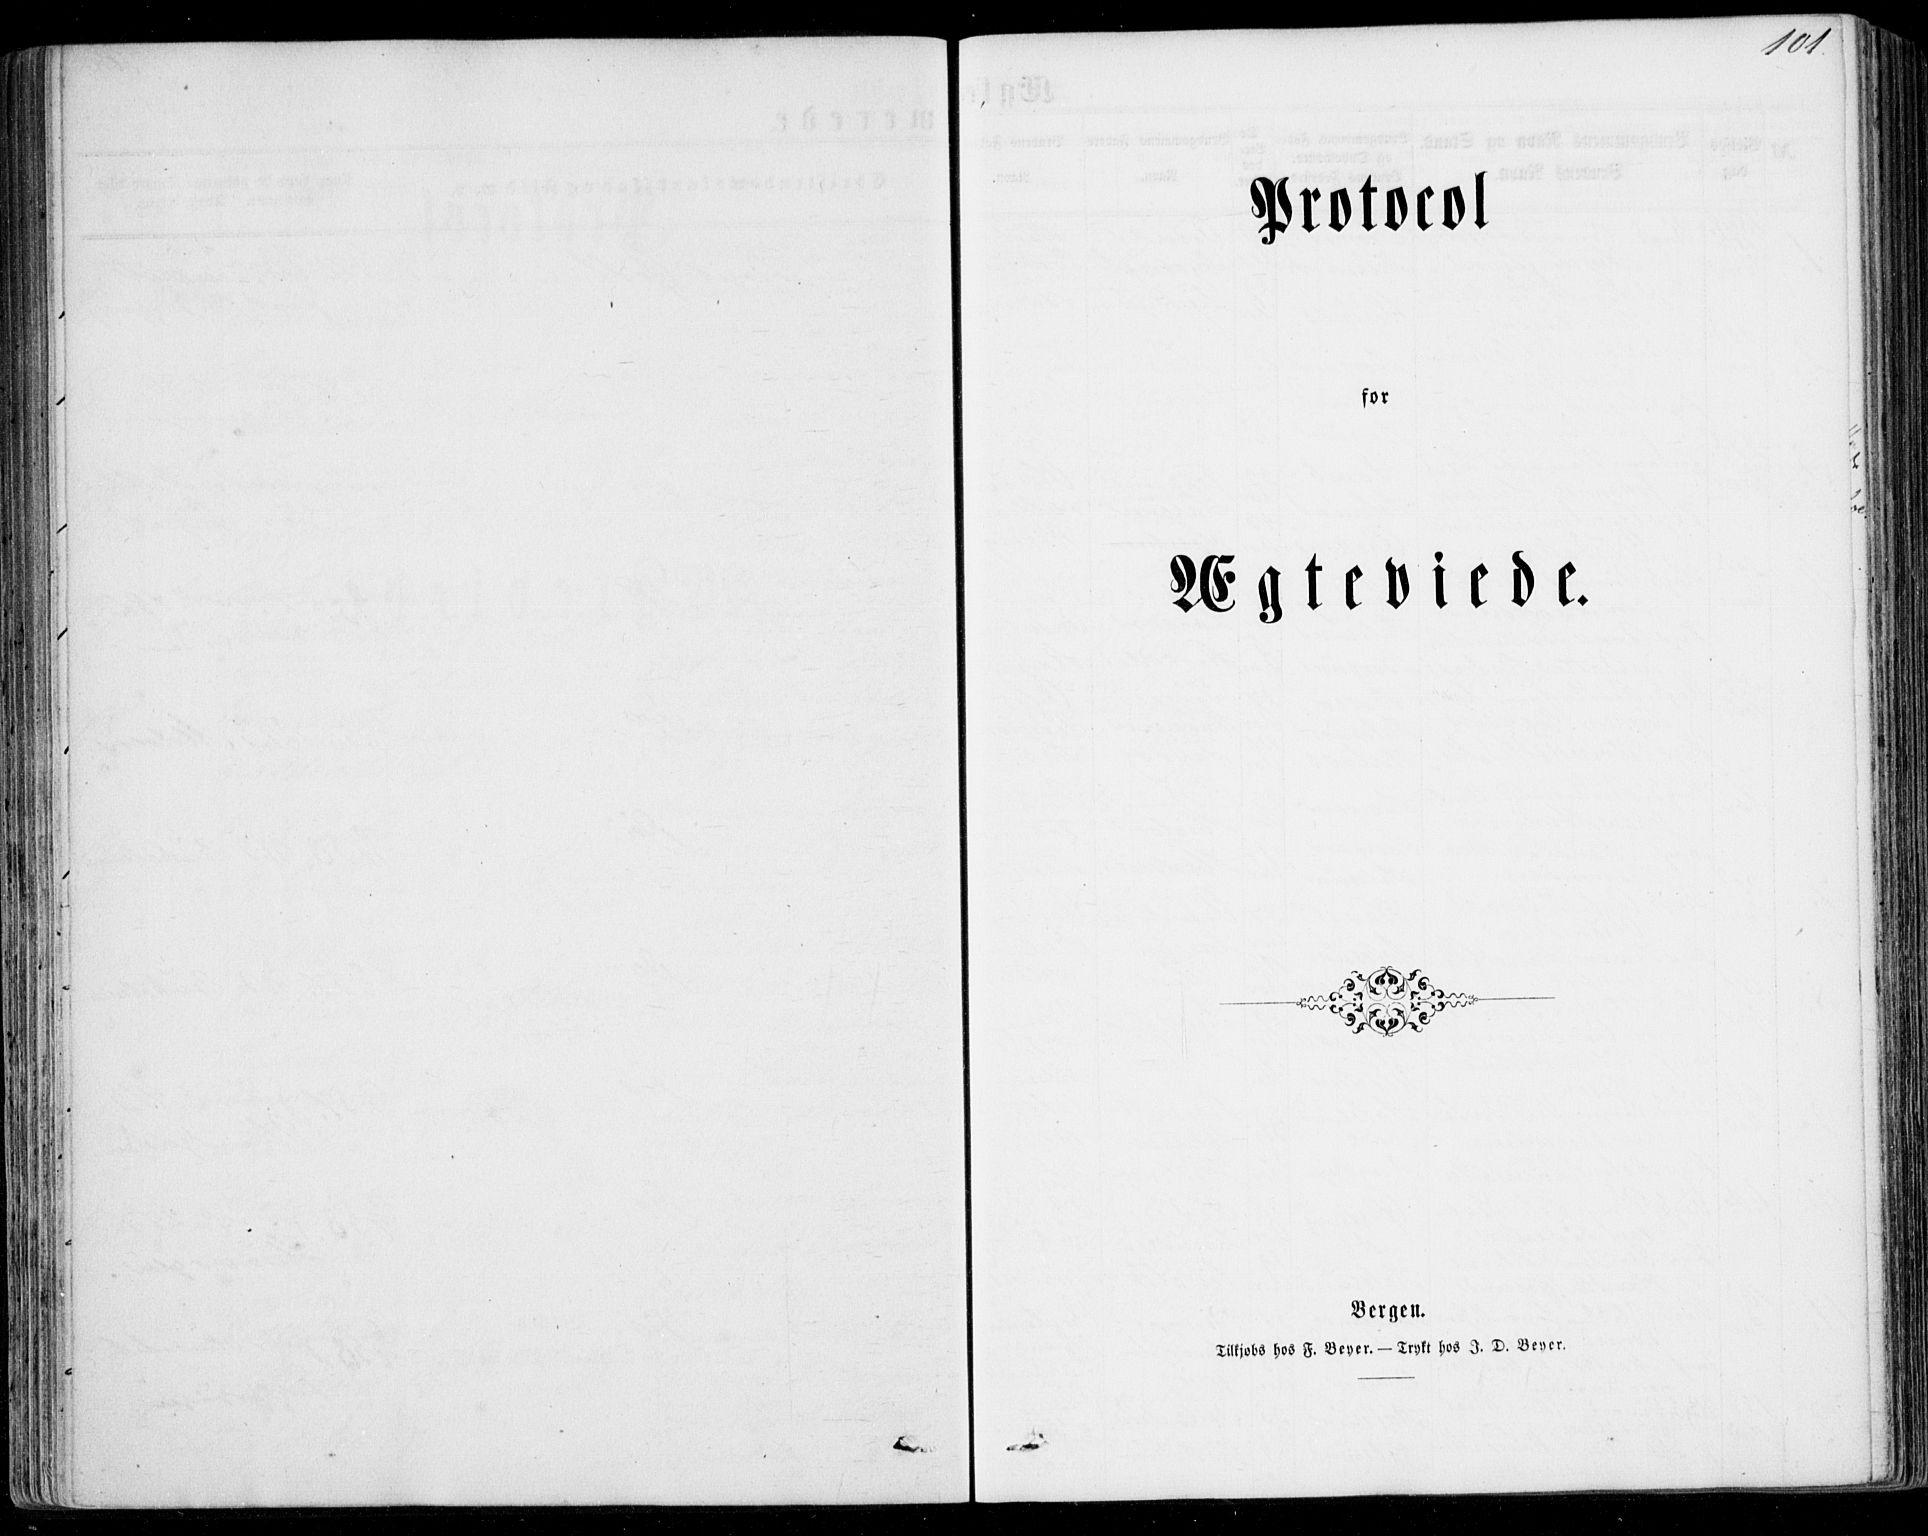 SAT, Ministerialprotokoller, klokkerbøker og fødselsregistre - Møre og Romsdal, 529/L0452: Ministerialbok nr. 529A02, 1864-1871, s. 101